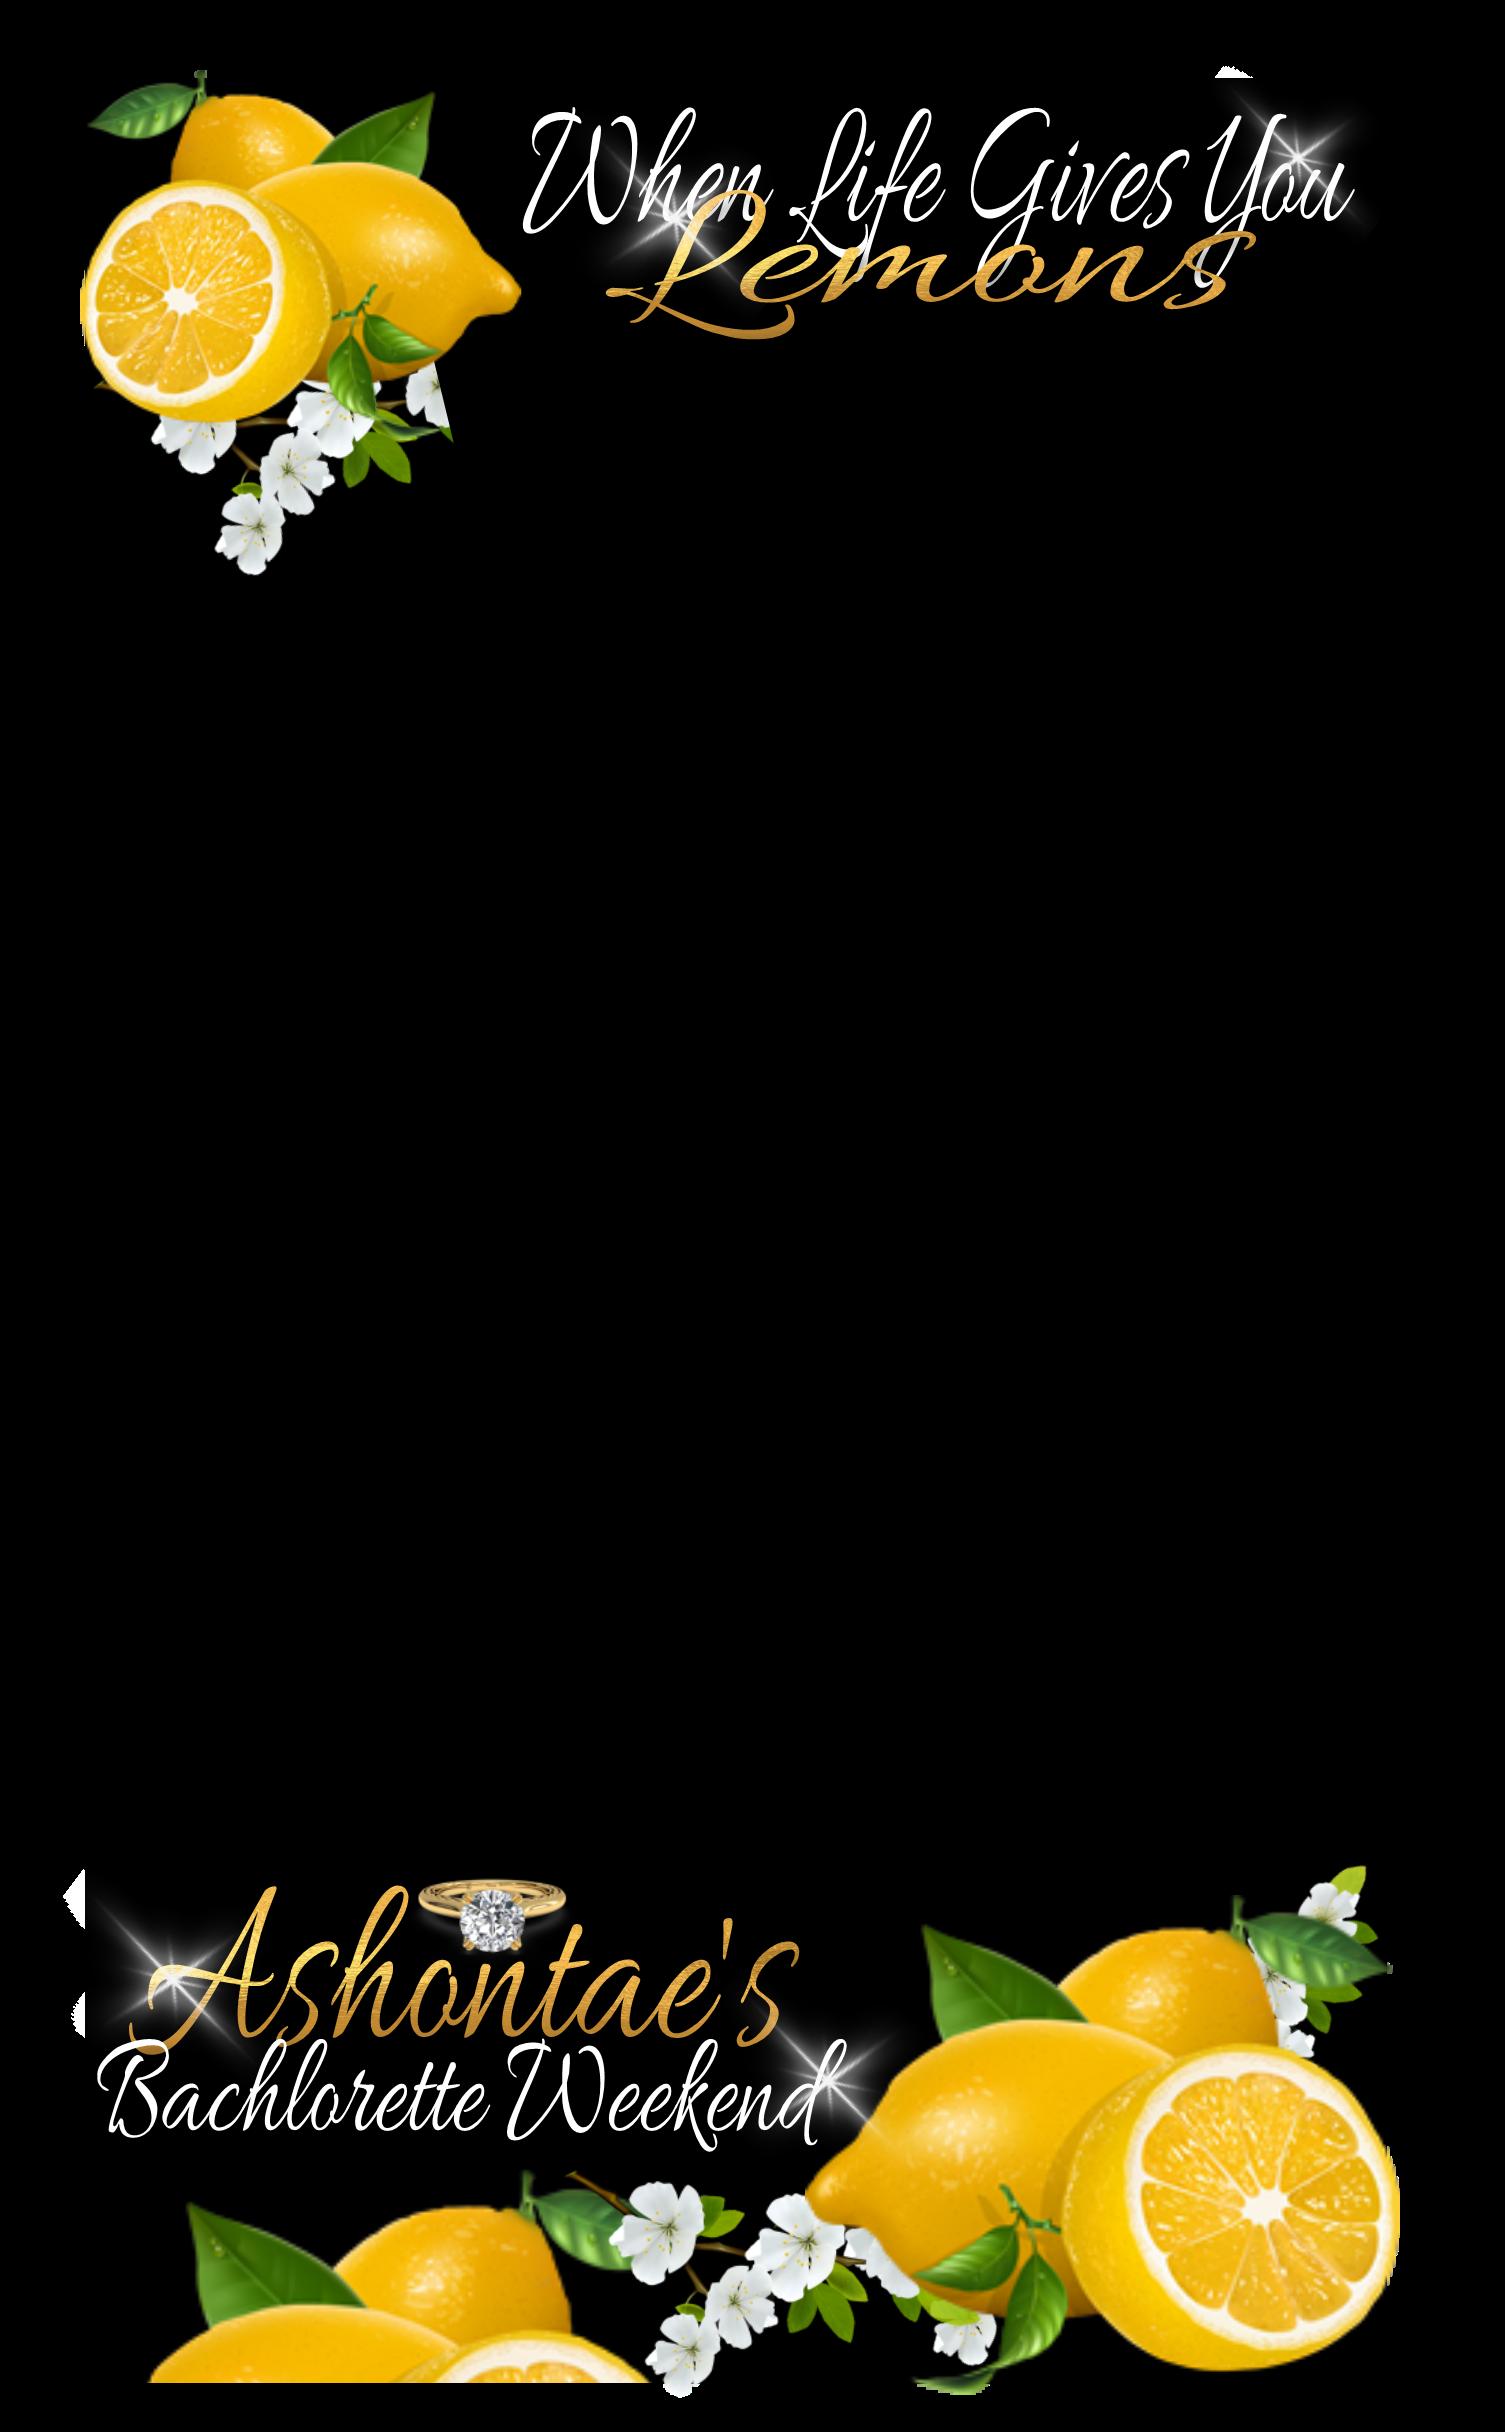 Ashontae's lemons